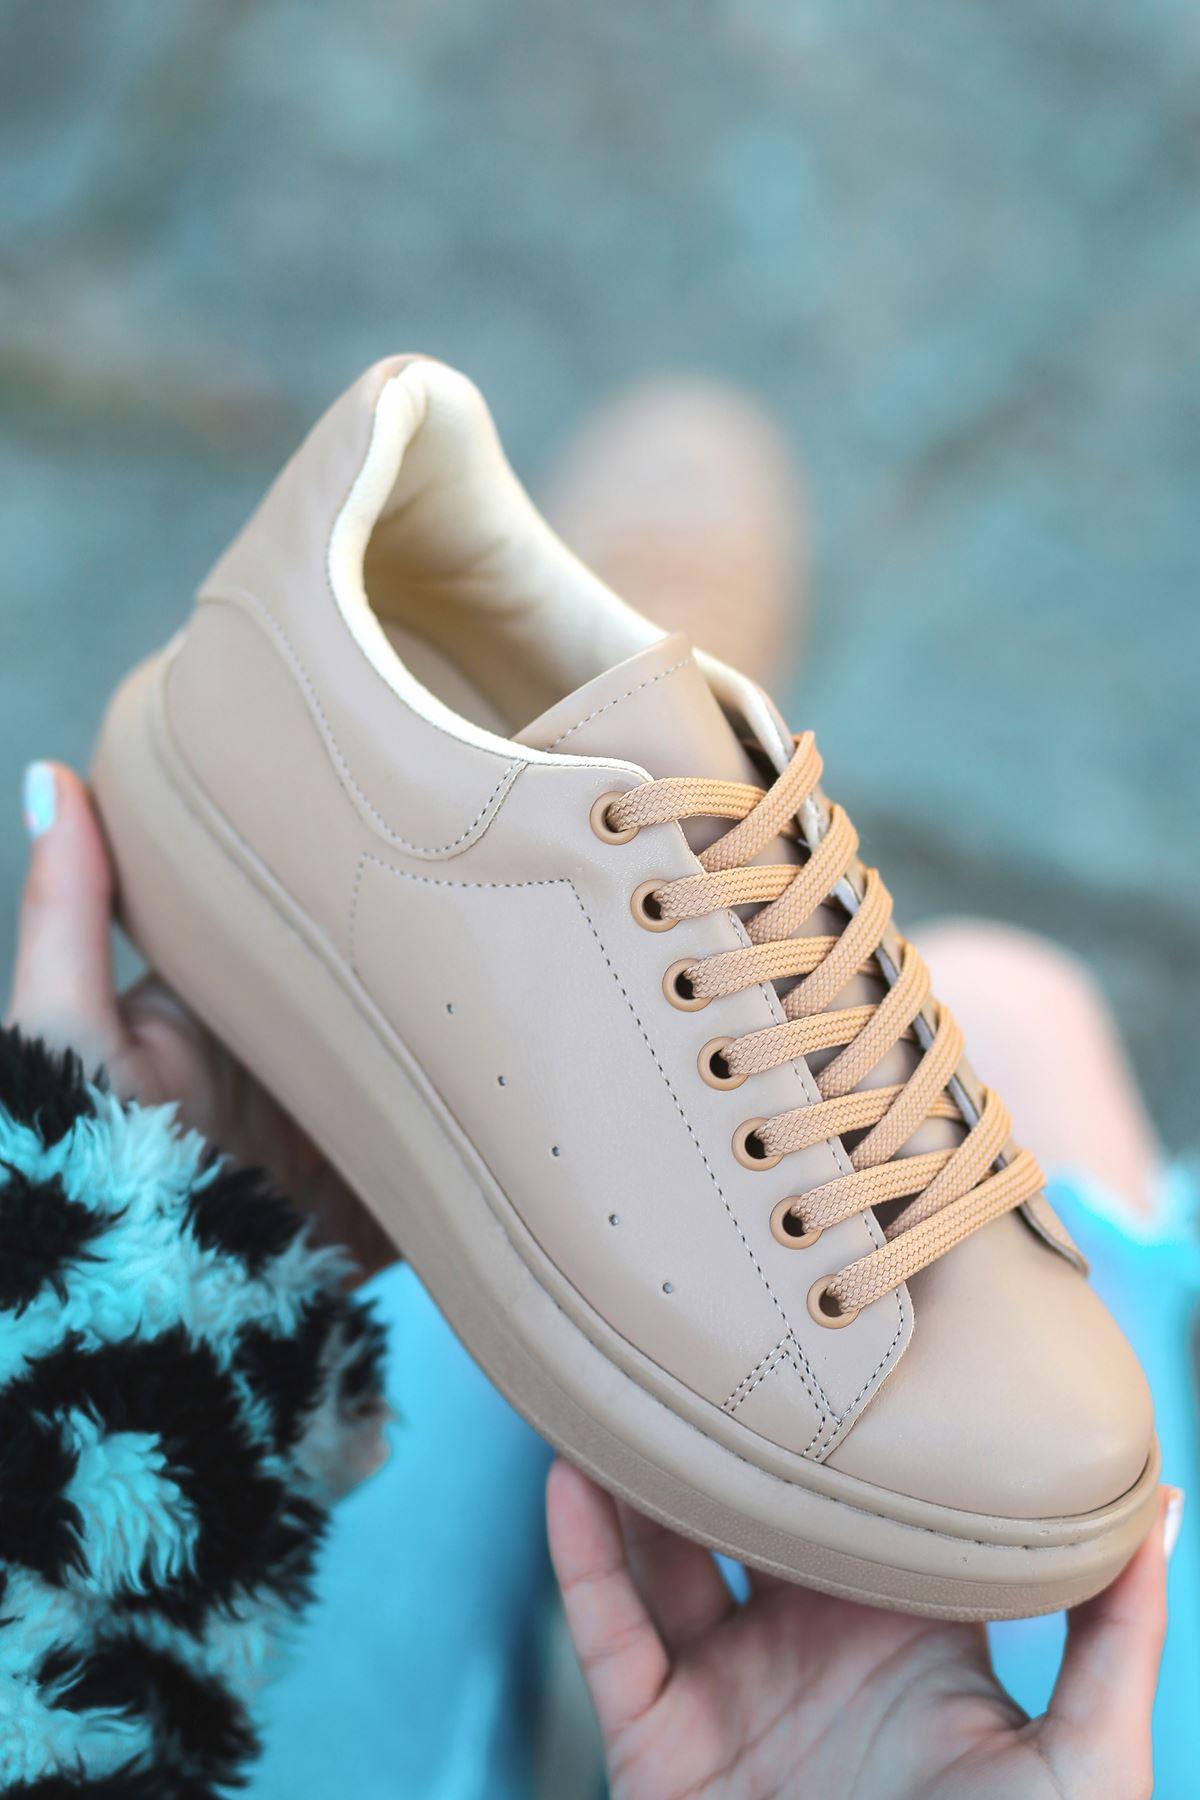 RMS Mat Deri Delik Detaylı Sneakers Günlük Spor Ayakkabı Ten